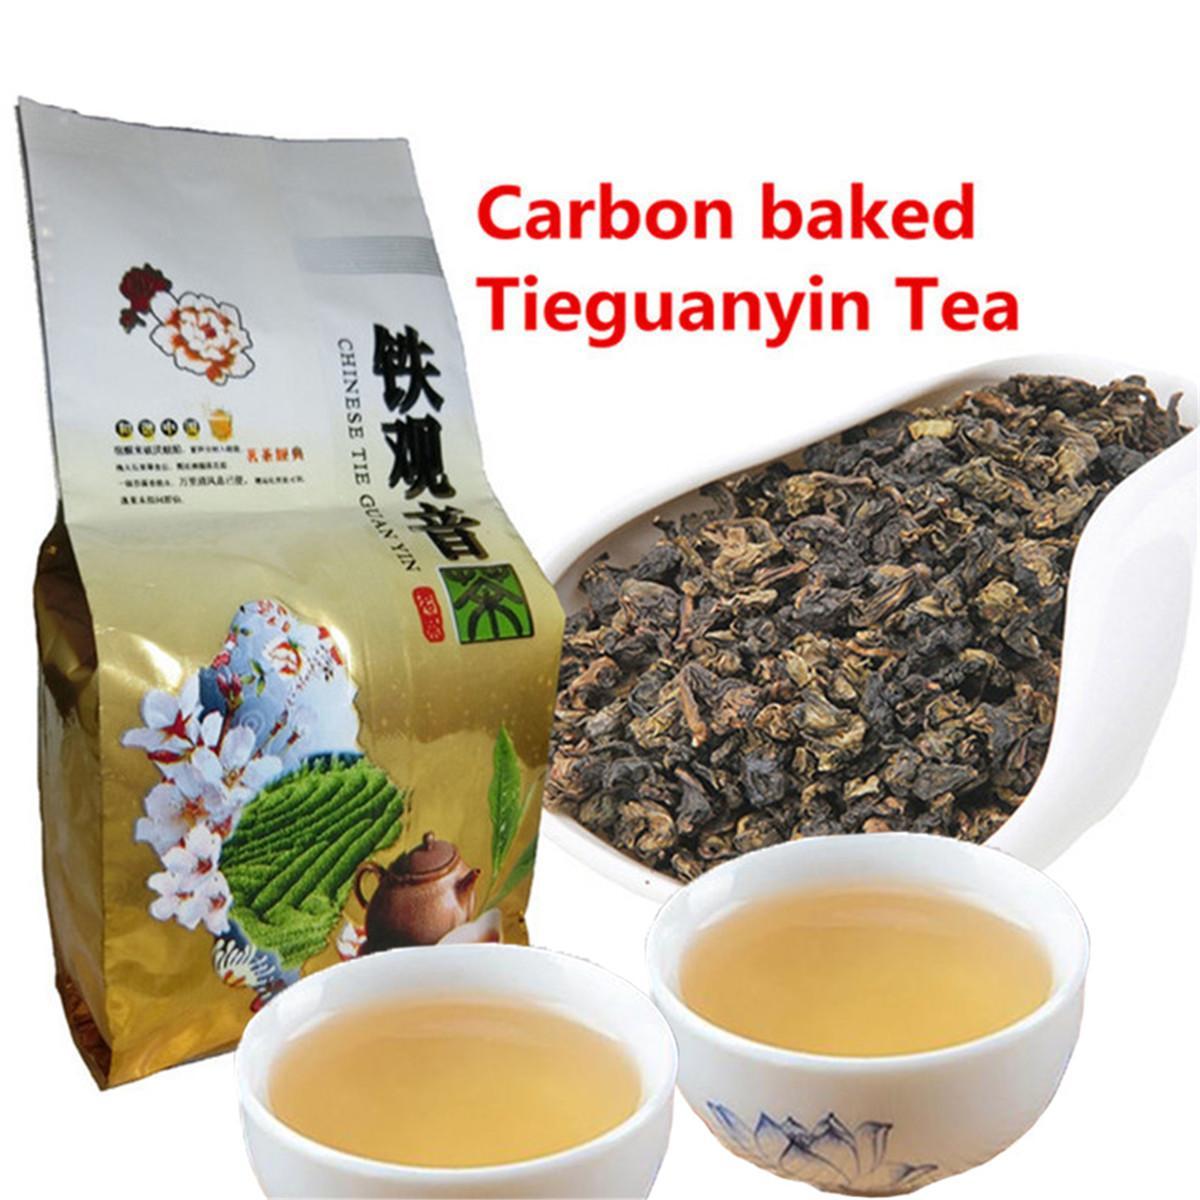 50г Китайский Органические Улун углерода Specaily Tieguanyin Улун Зеленый чай здравоохранения новый весенний чай зеленый еды